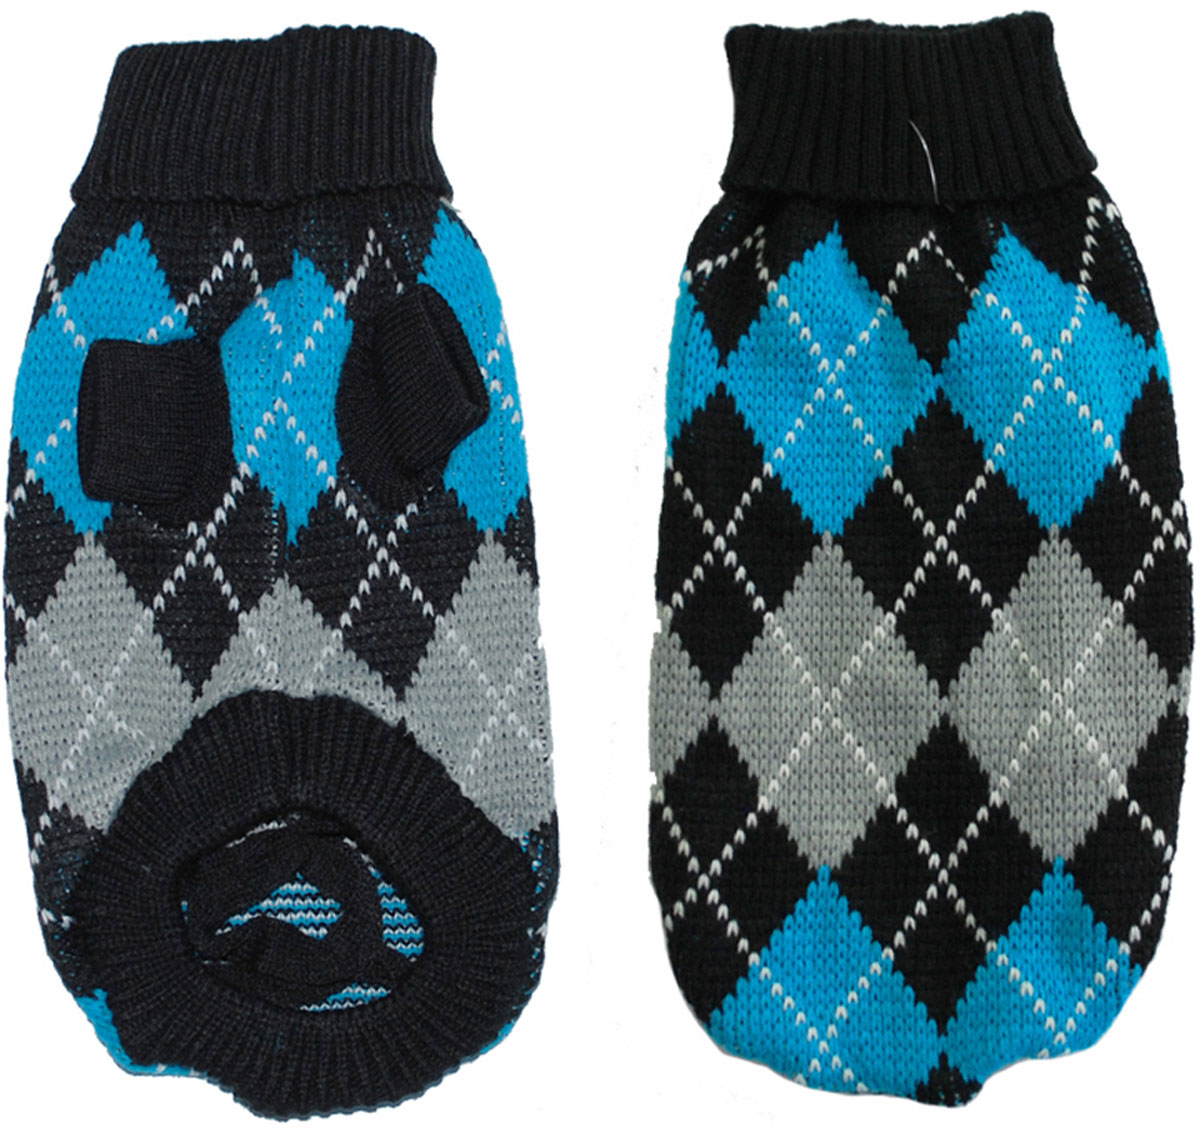 Свитер для собак Уют, цвет: черный, синий, сиреневый. НМ24ХС. Размер XSНМ24ХСУЮТ Свитер, черный, синие/сиреневые ромбы, длина спины 20 смОбхват шеи: 22-24 см.Обхват груди: 27-33 см.Длина спинки: 20 см.